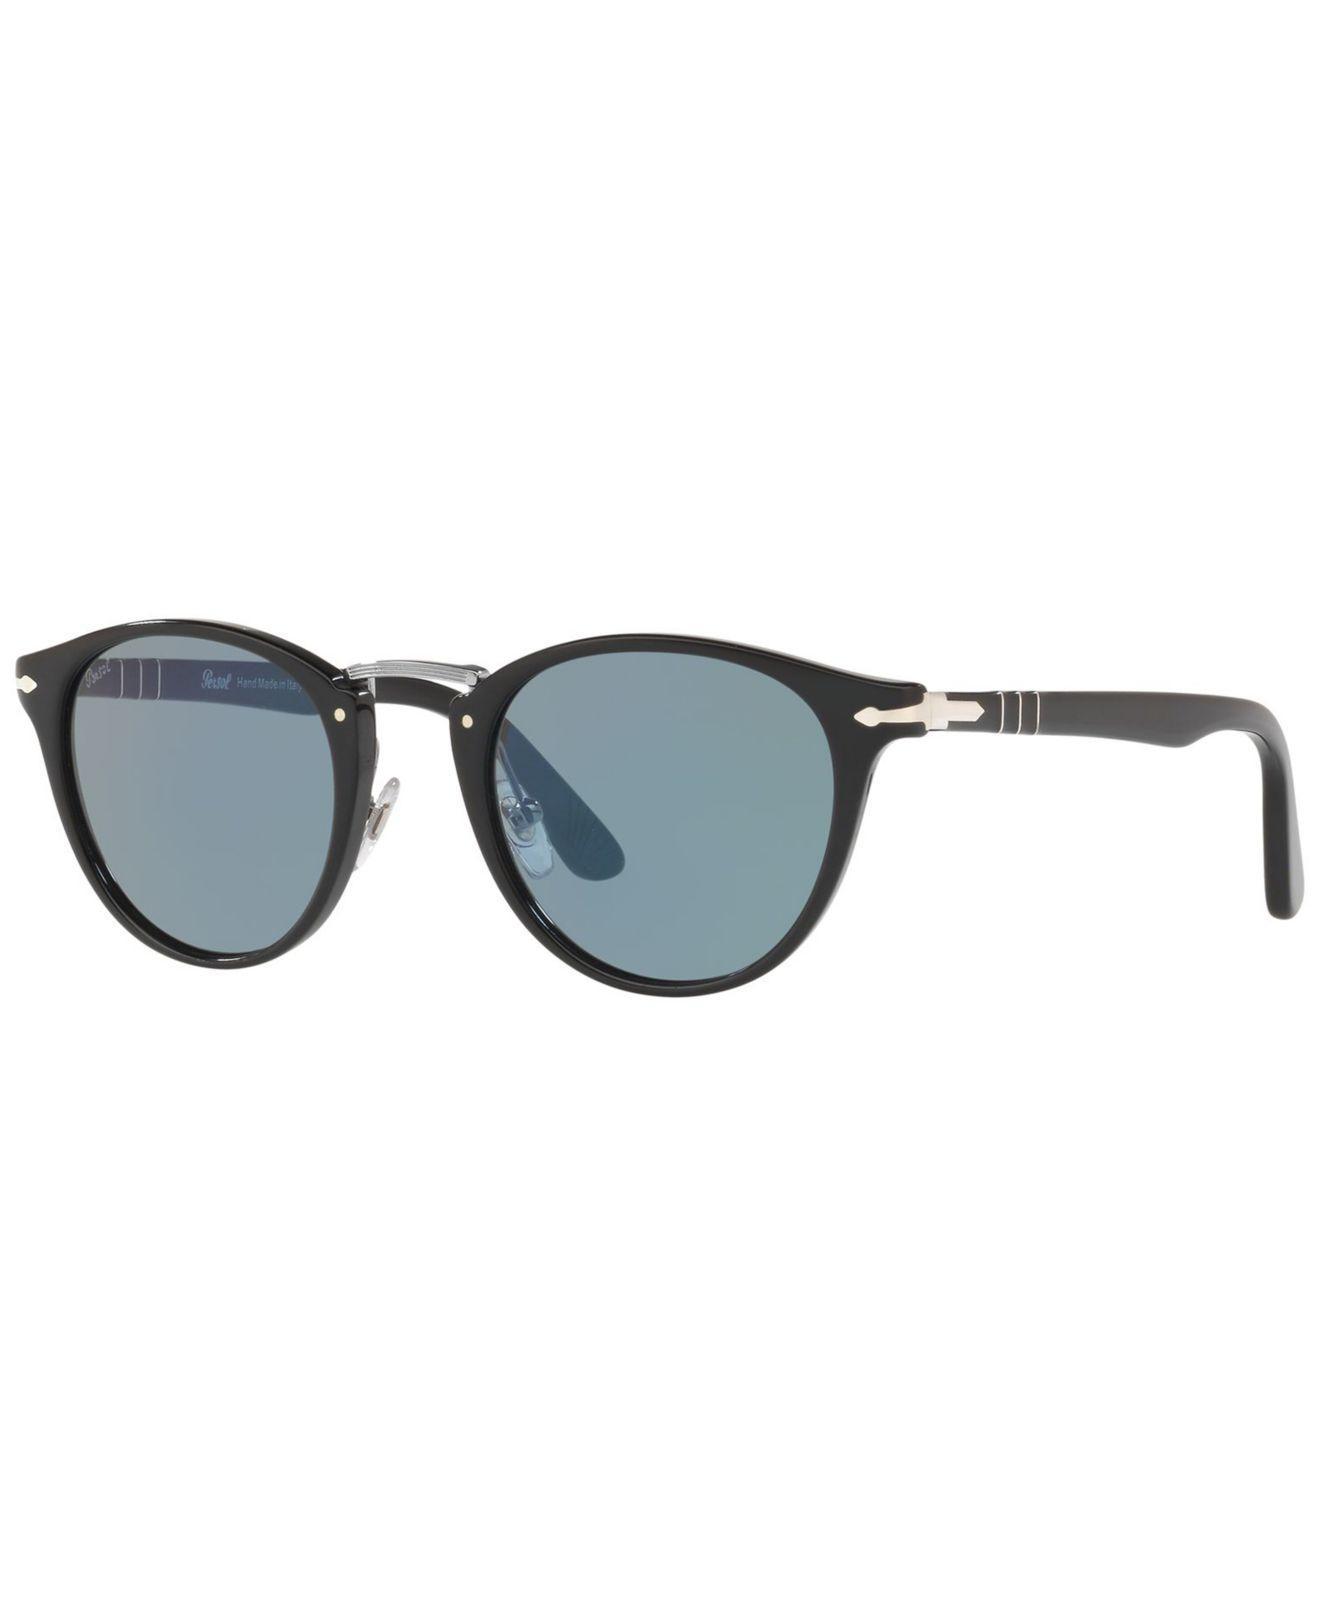 72f0429387ae8 Persol. Men s Black Sunglasses ...